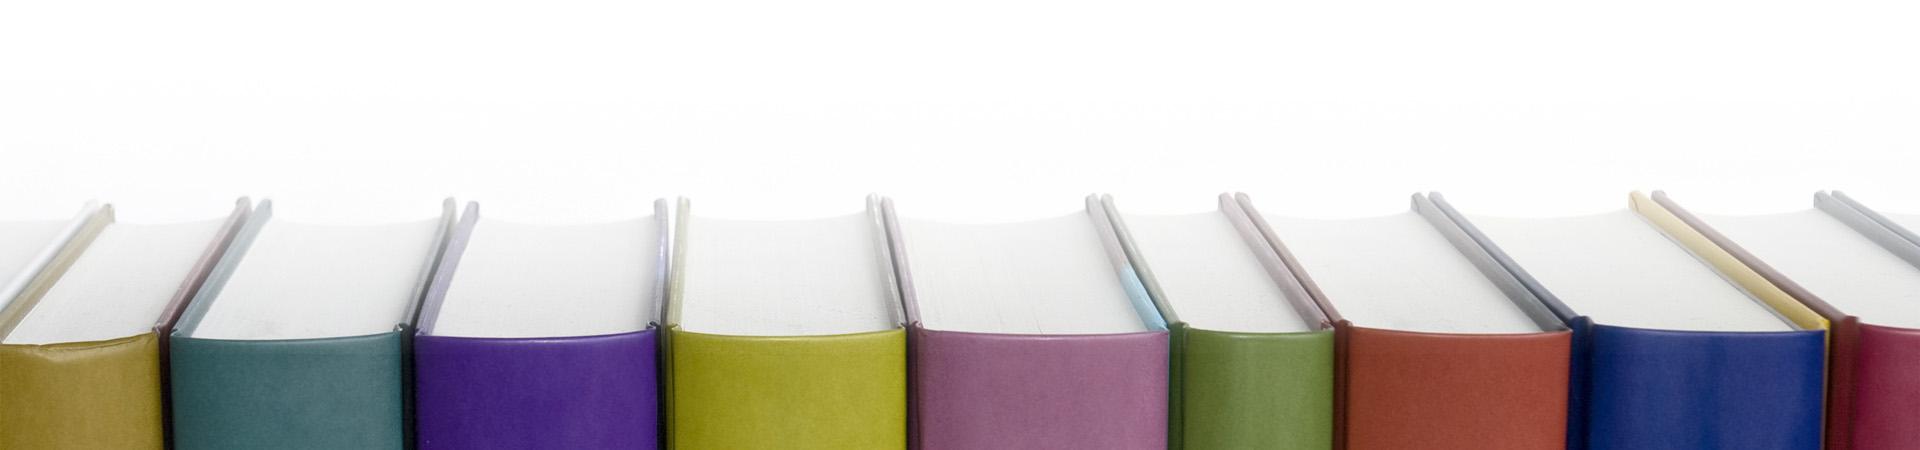 libri_colorati1